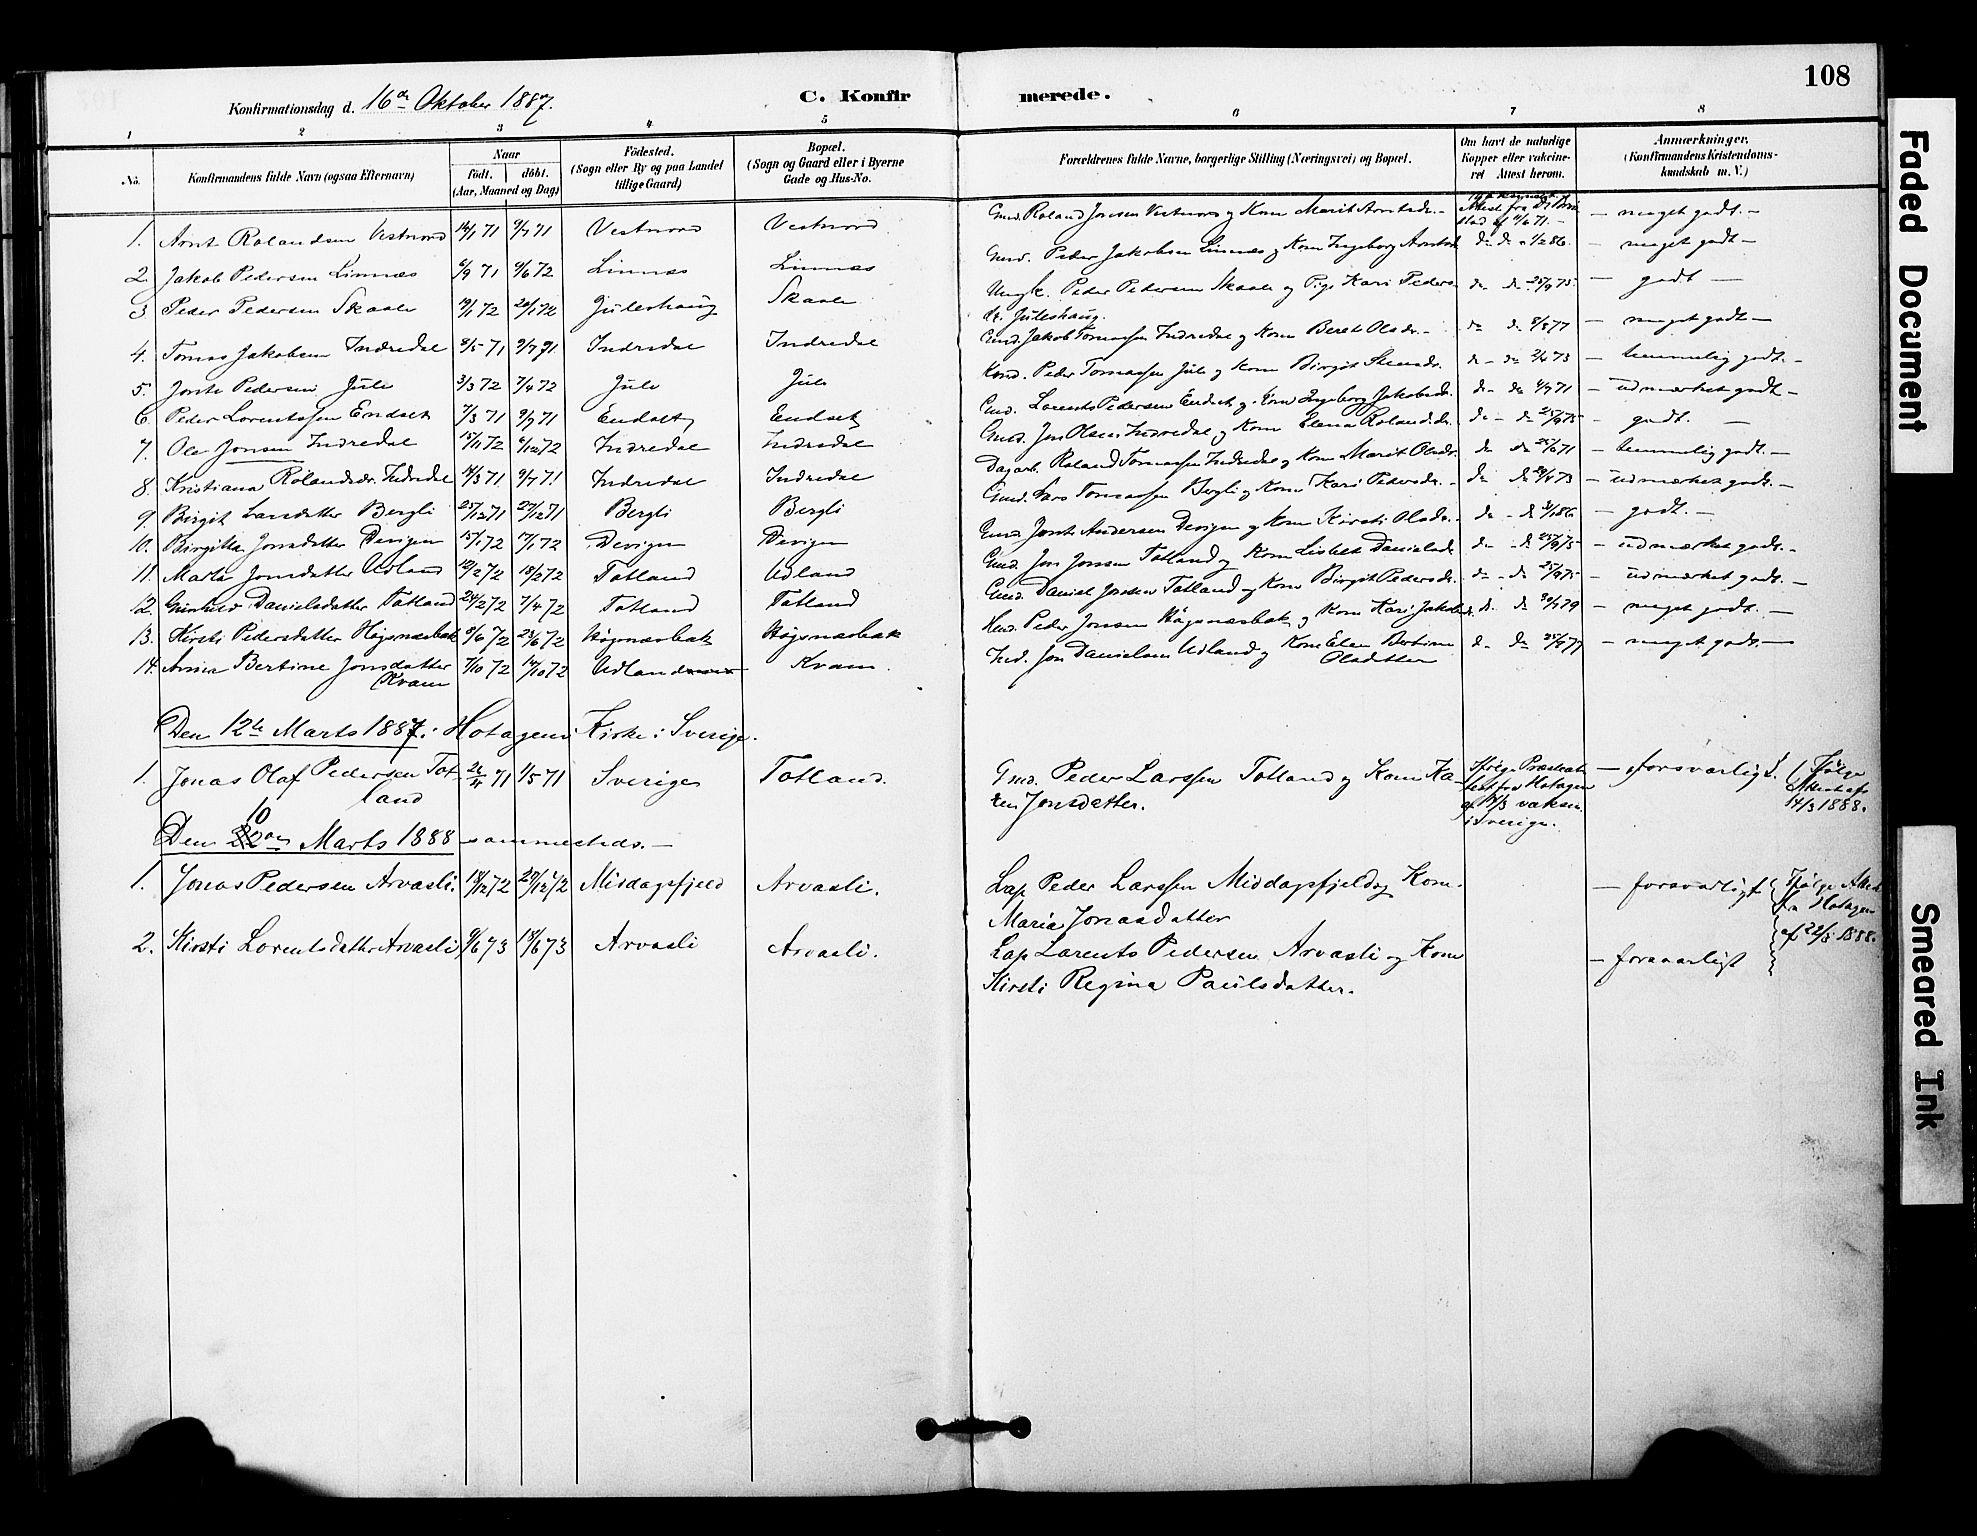 SAT, Ministerialprotokoller, klokkerbøker og fødselsregistre - Nord-Trøndelag, 757/L0505: Ministerialbok nr. 757A01, 1882-1904, s. 108